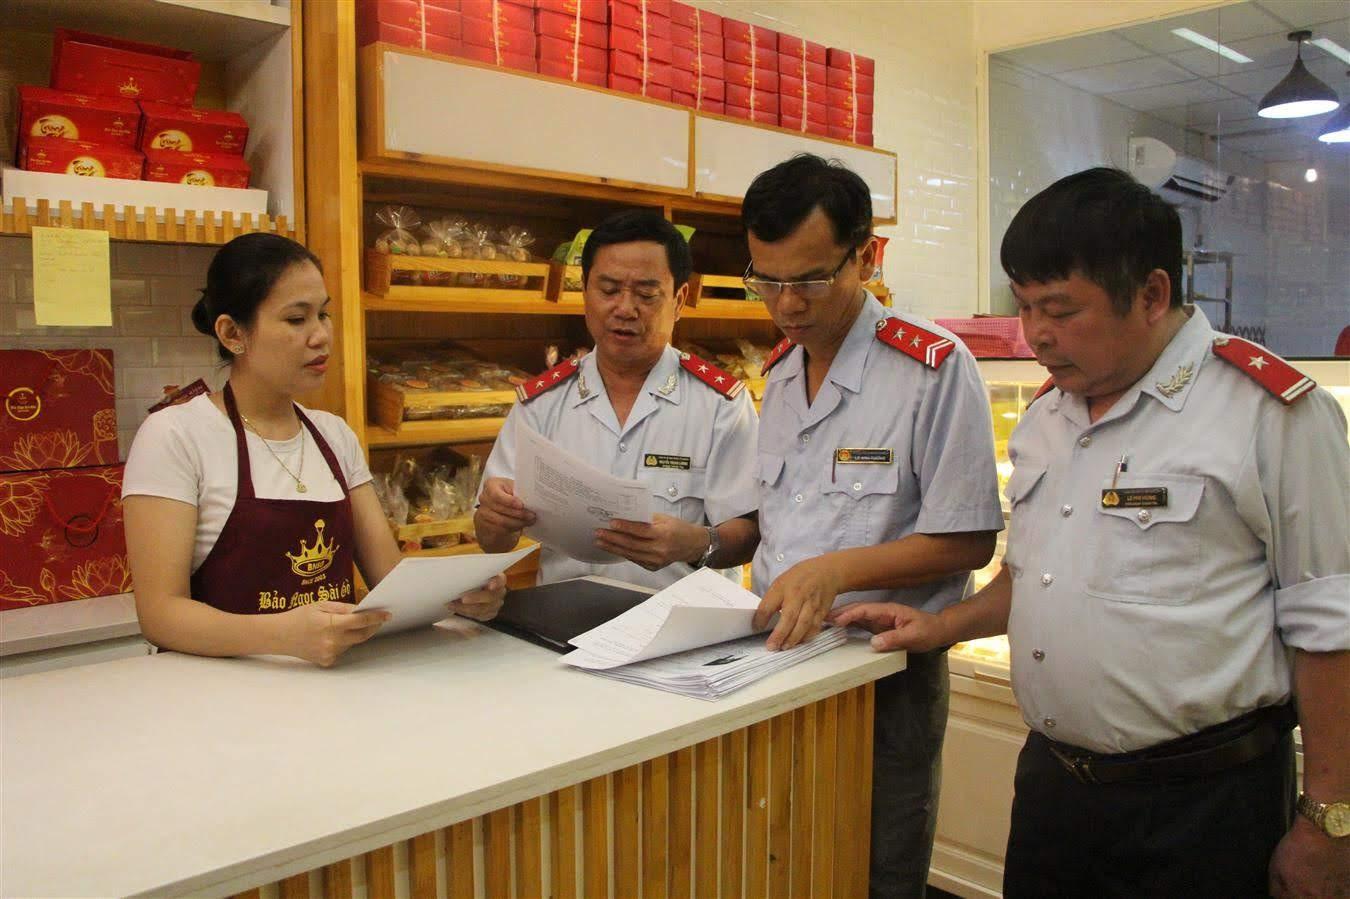 Đoàn thanh tra liên ngành tiến hành thanh tra cơ sở sản xuất, kinh doanh bánh trung thu trên địa bàn TP Vinh